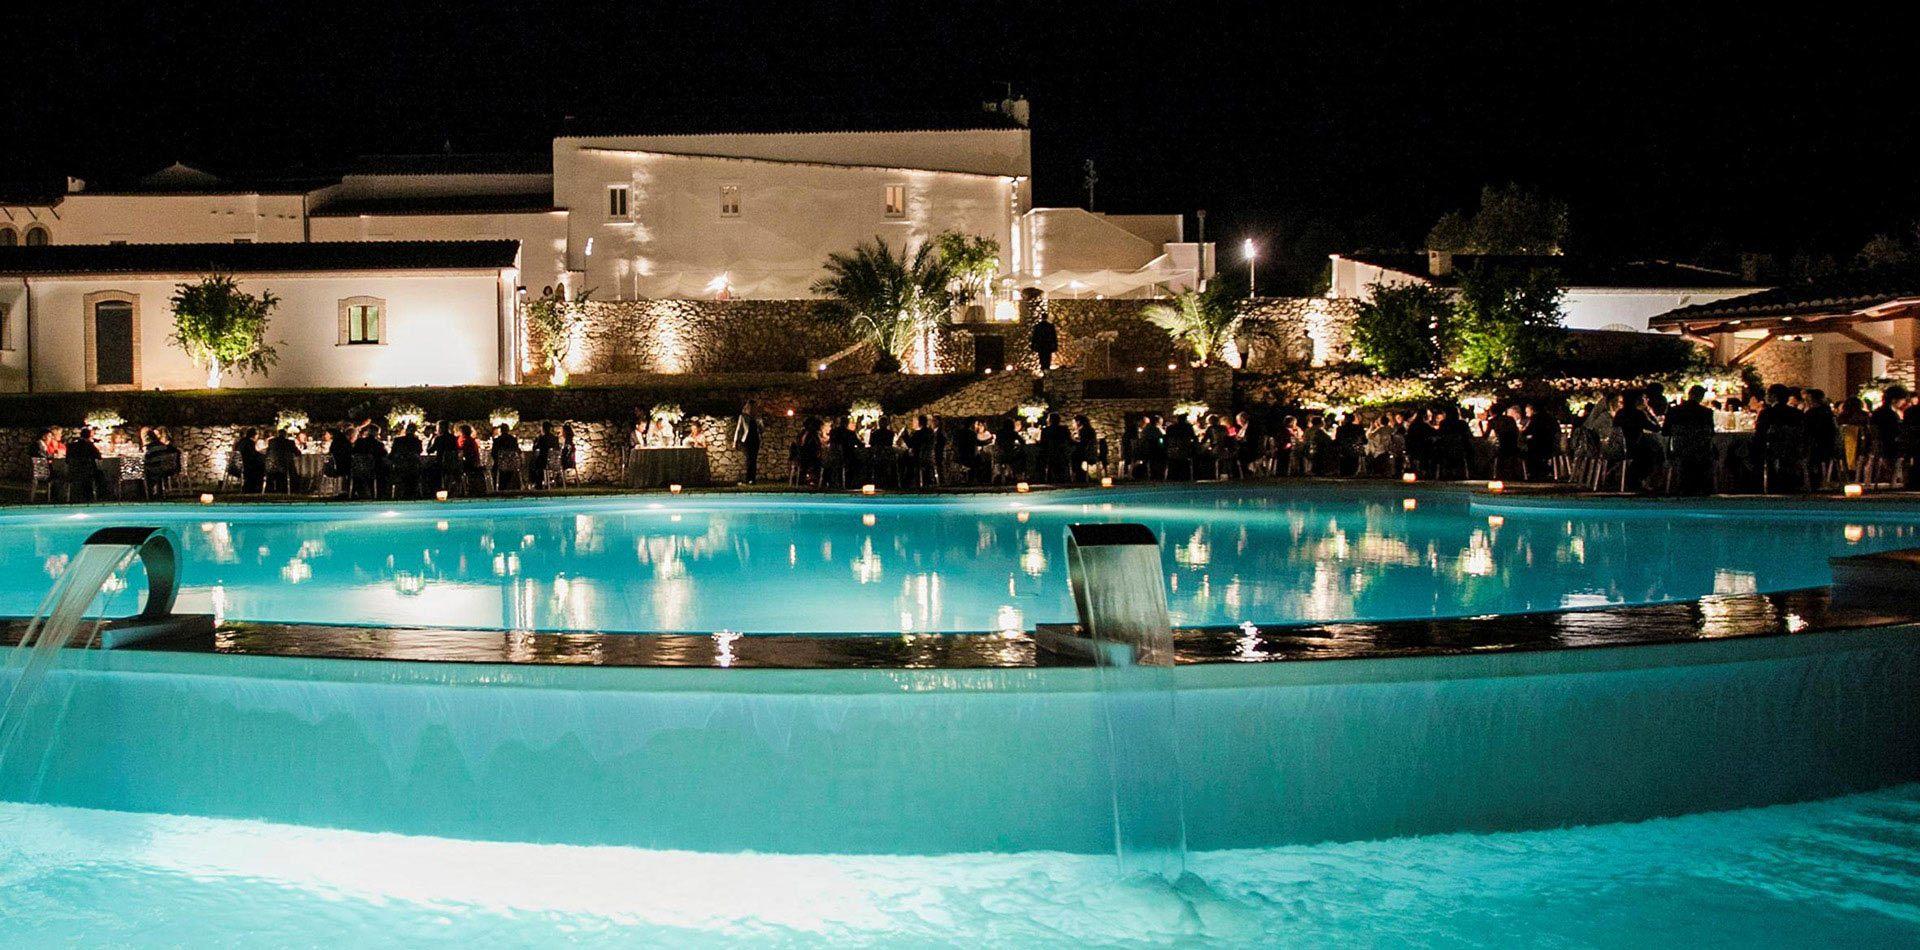 Location matrimoni con ristorante e piscina per cerimonie a foggia tenuta corigliano puglia - Piscina assori foggia prezzi ...